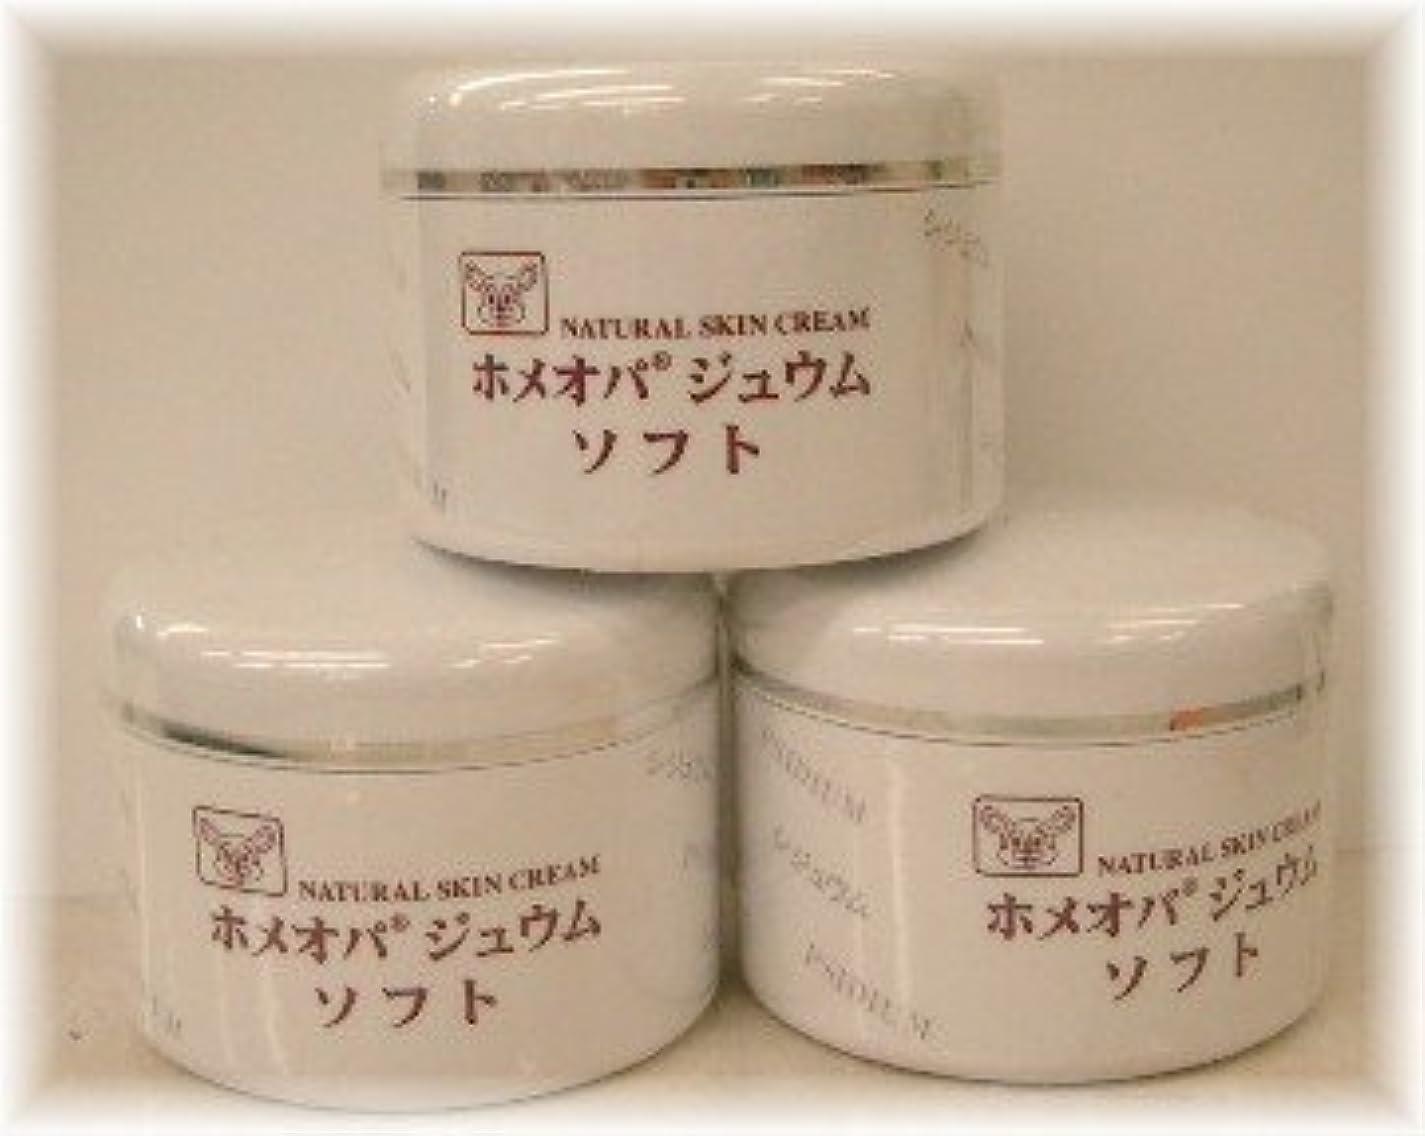 派生する認識デンマークホメオパジュウム スキンケア商品3点¥10500クリームソフトx3個